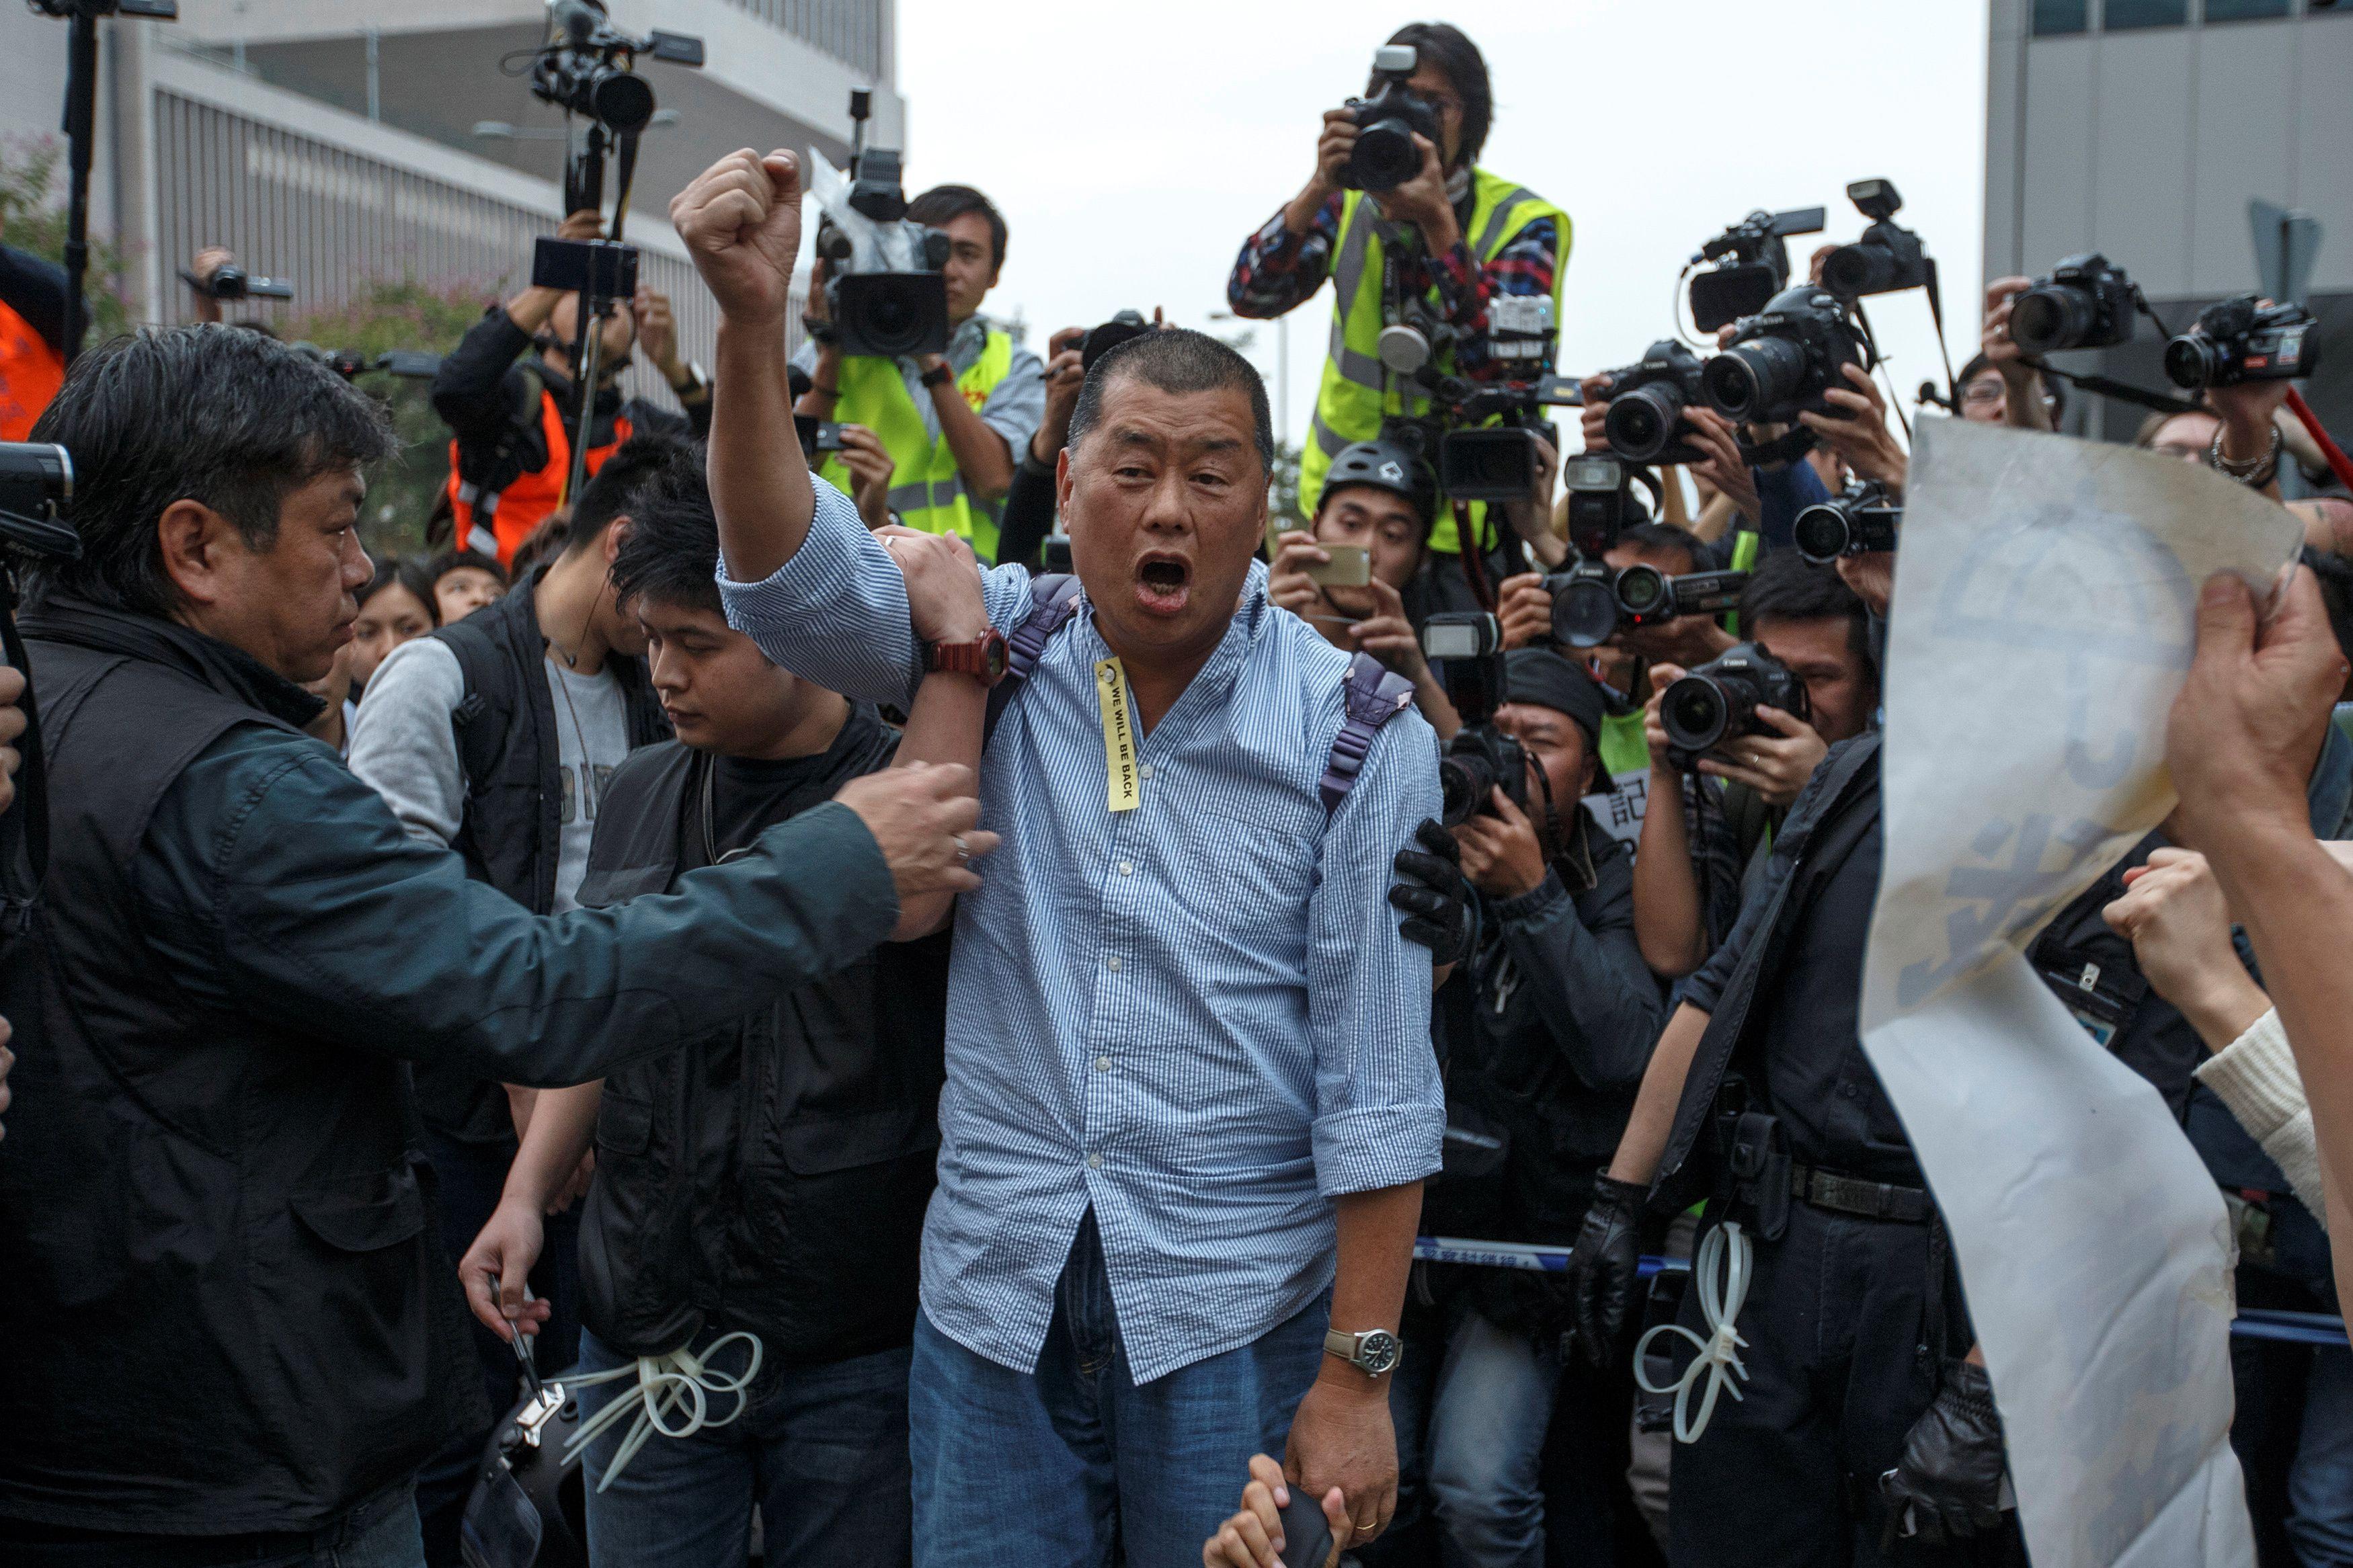 Hong Kong'da hükümet karşıtı gösterilere karışan muhaliflere gözaltı